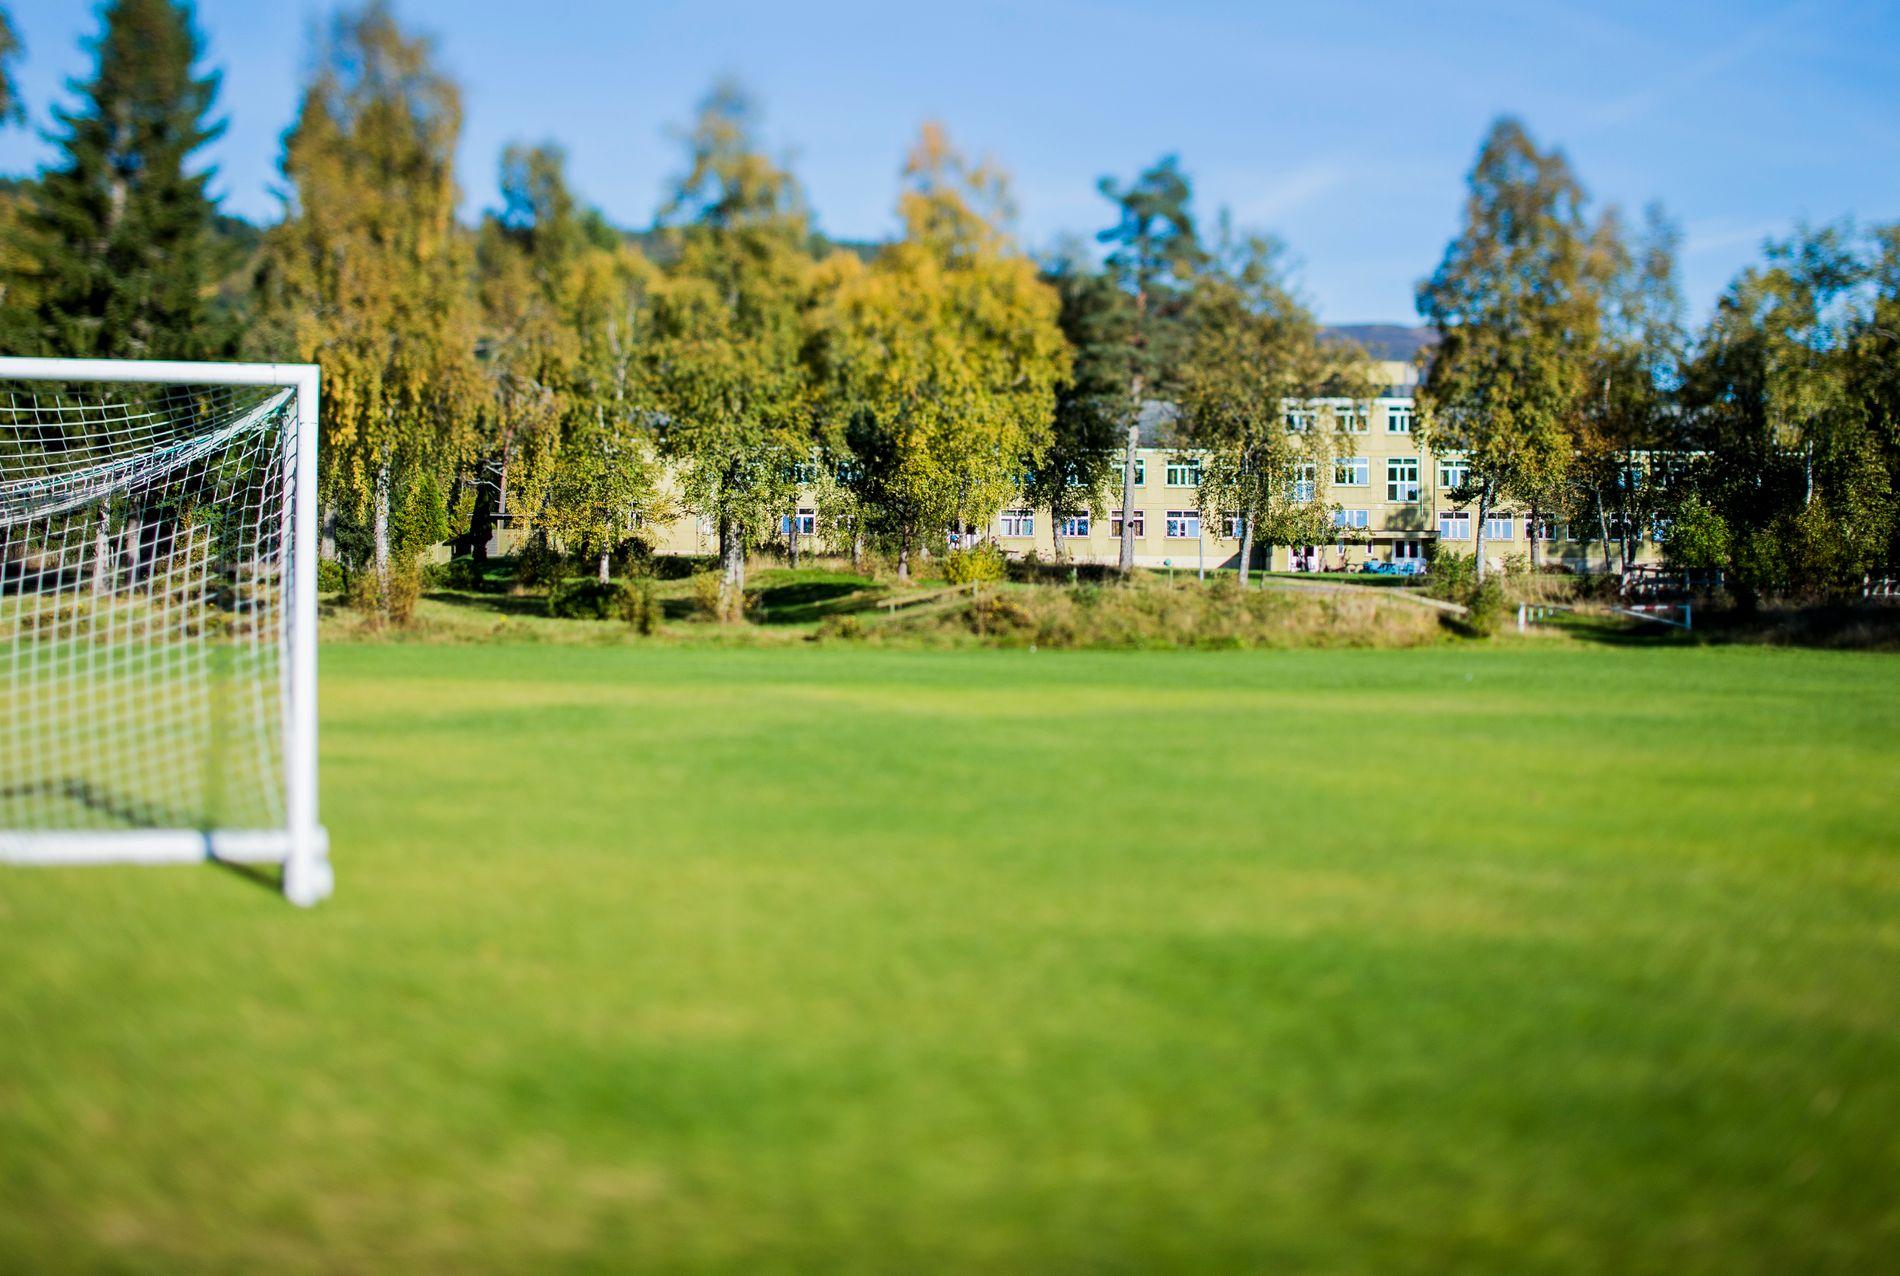 FRILUFT: Den psykiatriske sykehusavdelingen ligger ned mot et stort grøntområde som er et populært utfluktssted for innbyggere i alle aldre.